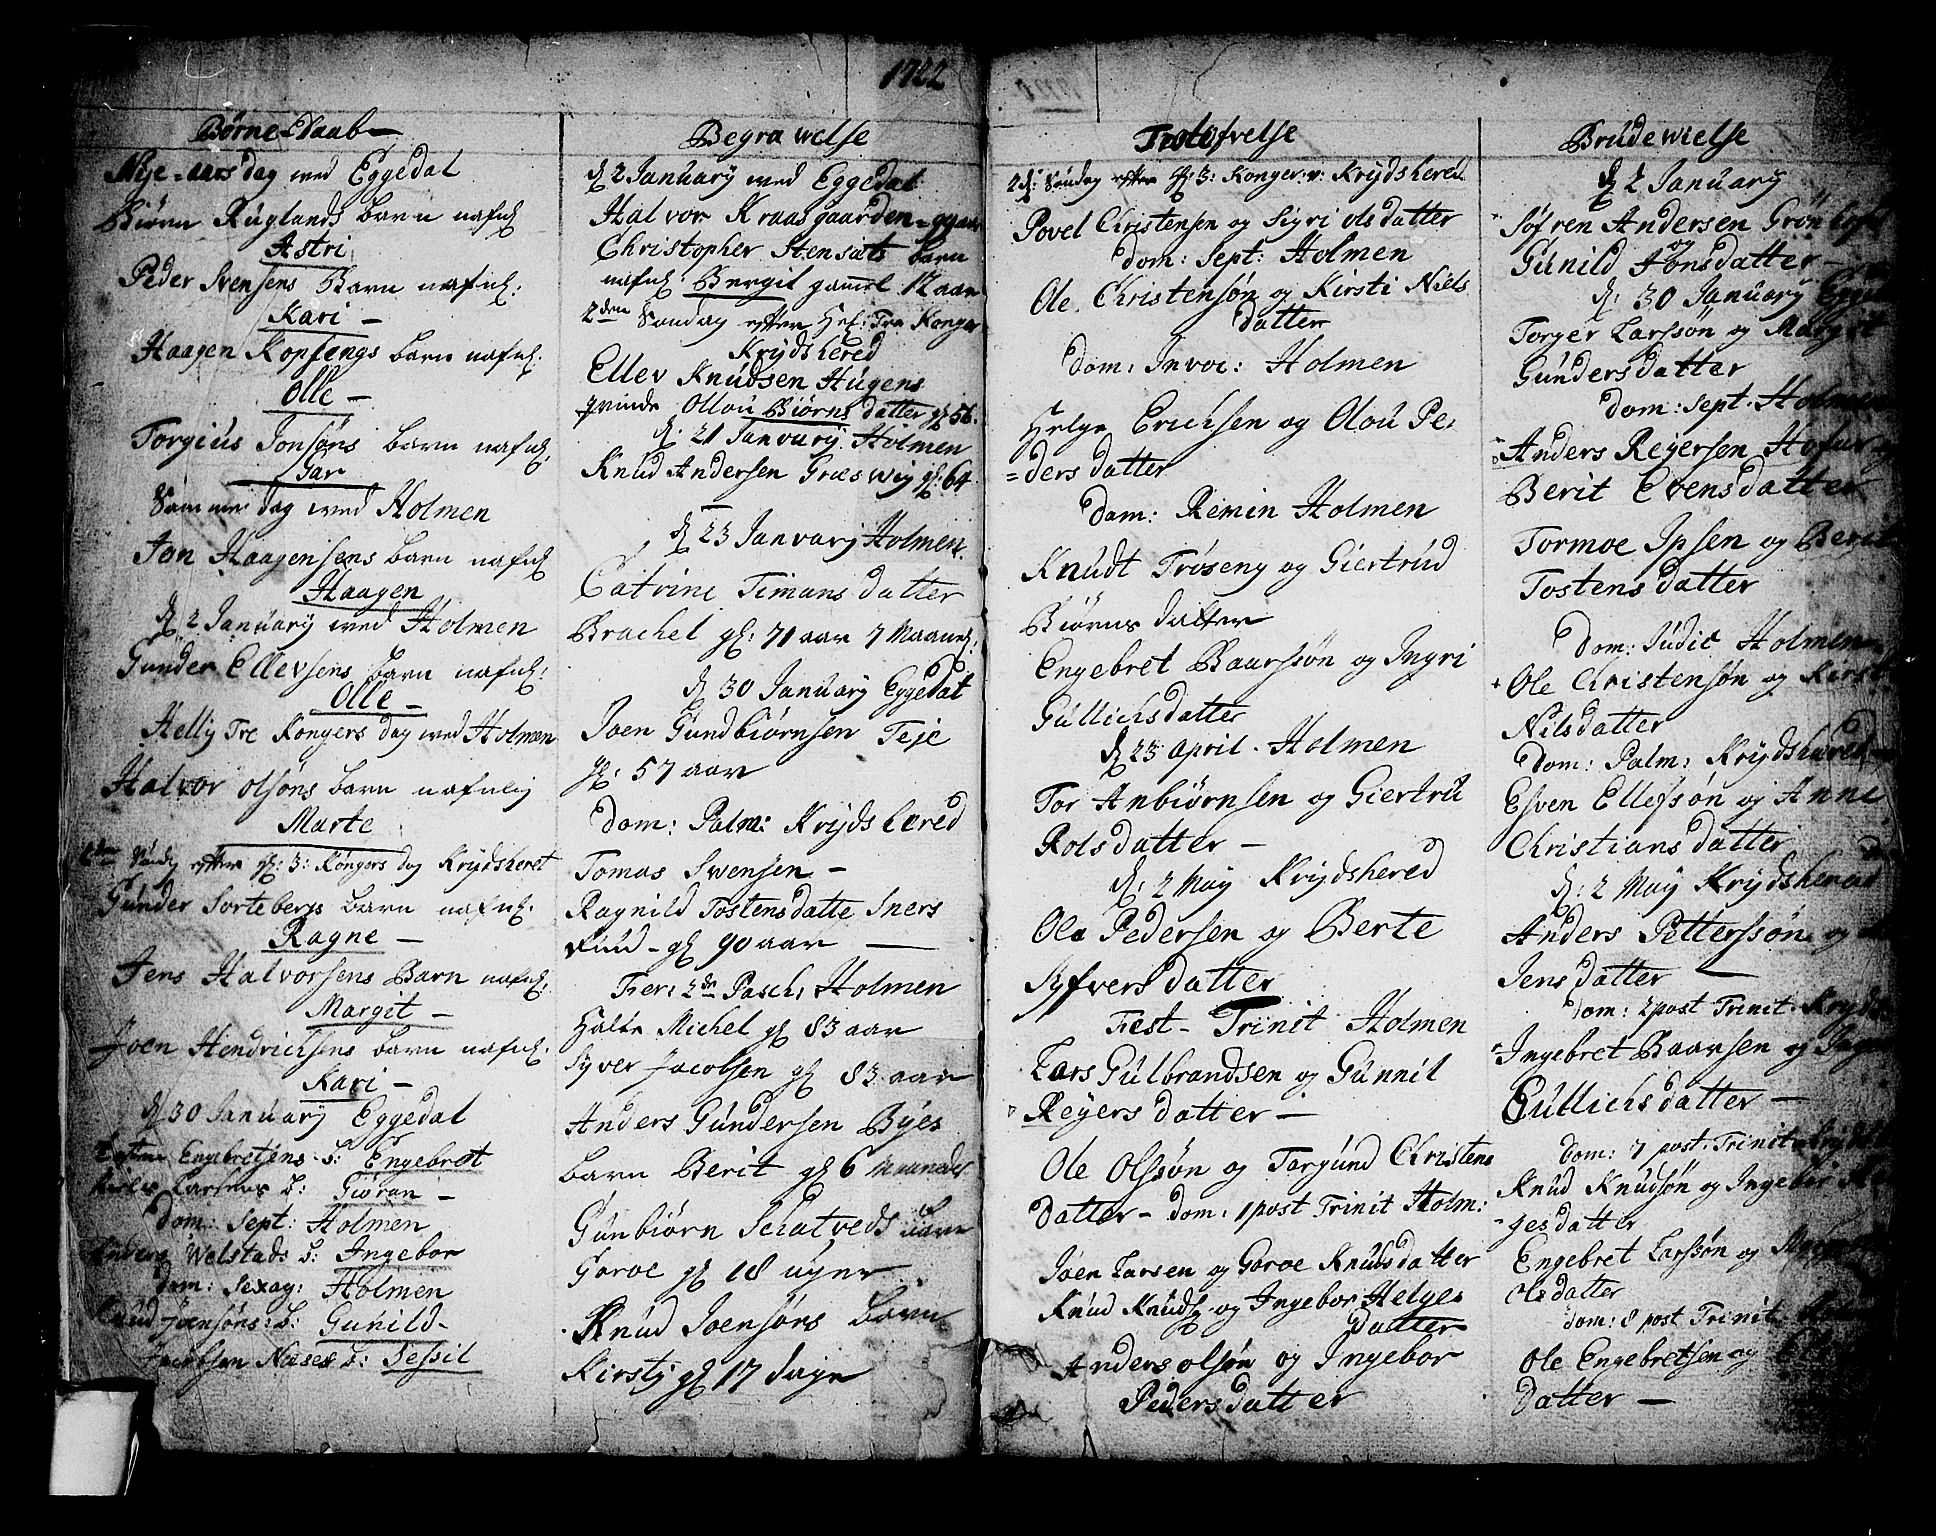 SAKO, Sigdal kirkebøker, F/Fa/L0001: Ministerialbok nr. I 1, 1722-1777, s. 2